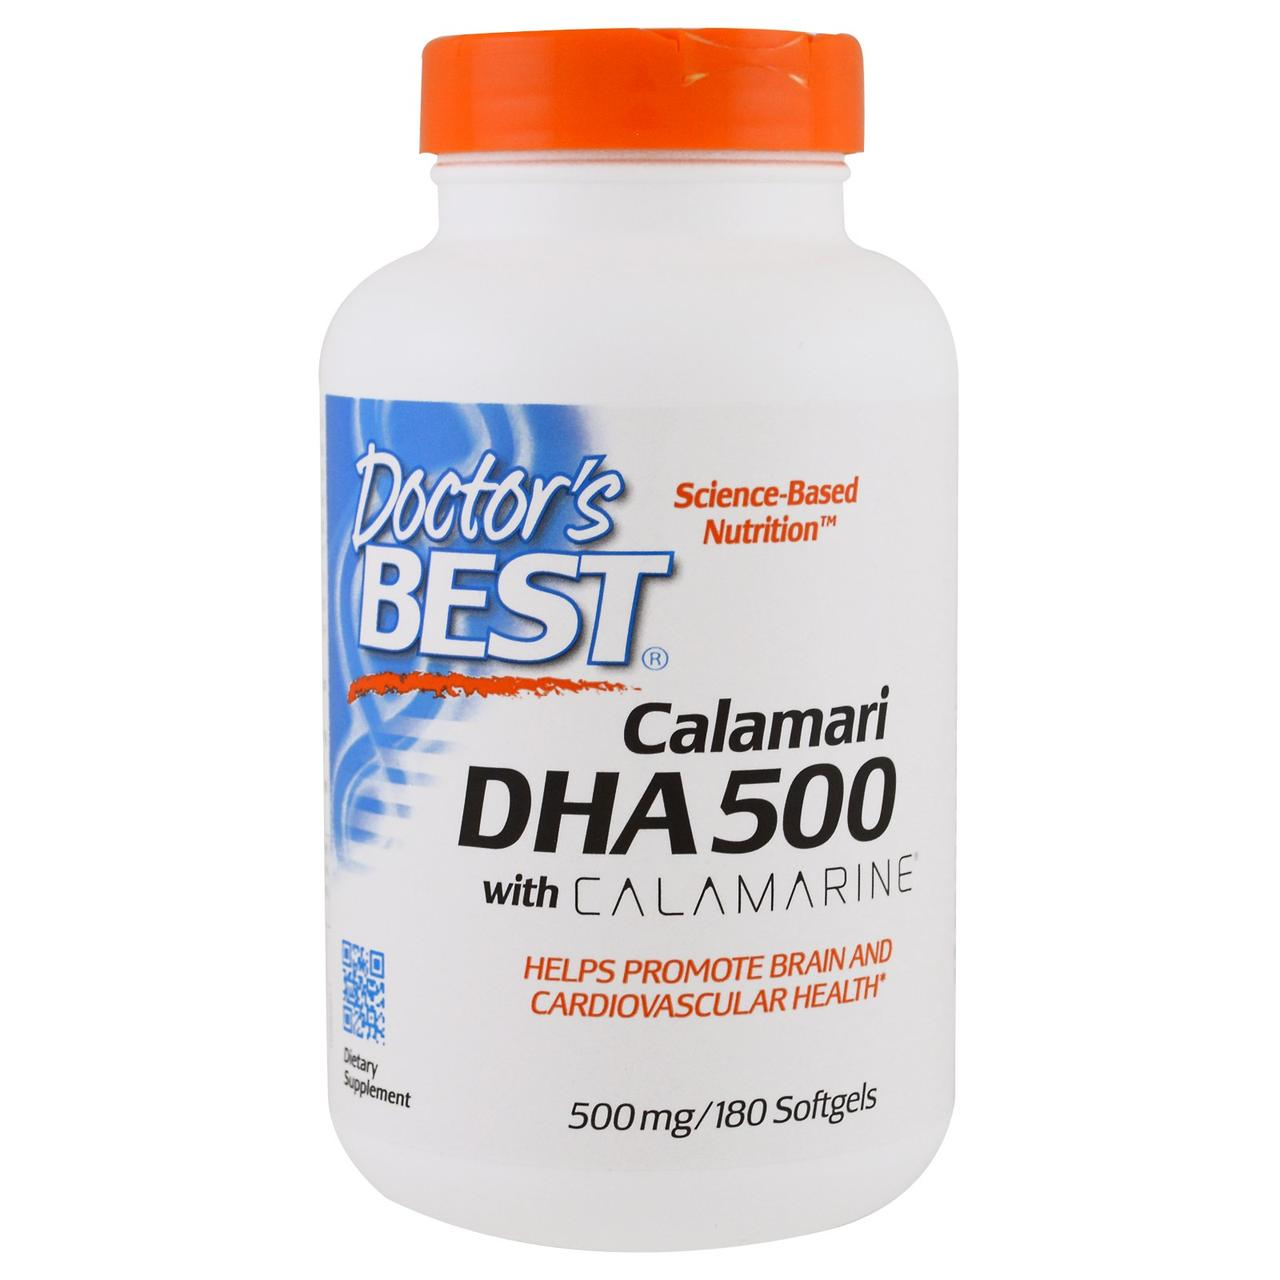 DHA (докозагексаеновая кислота) Глубоководный 500мг, Calamarine, Doctor's Best, 60 желатиновых капсул